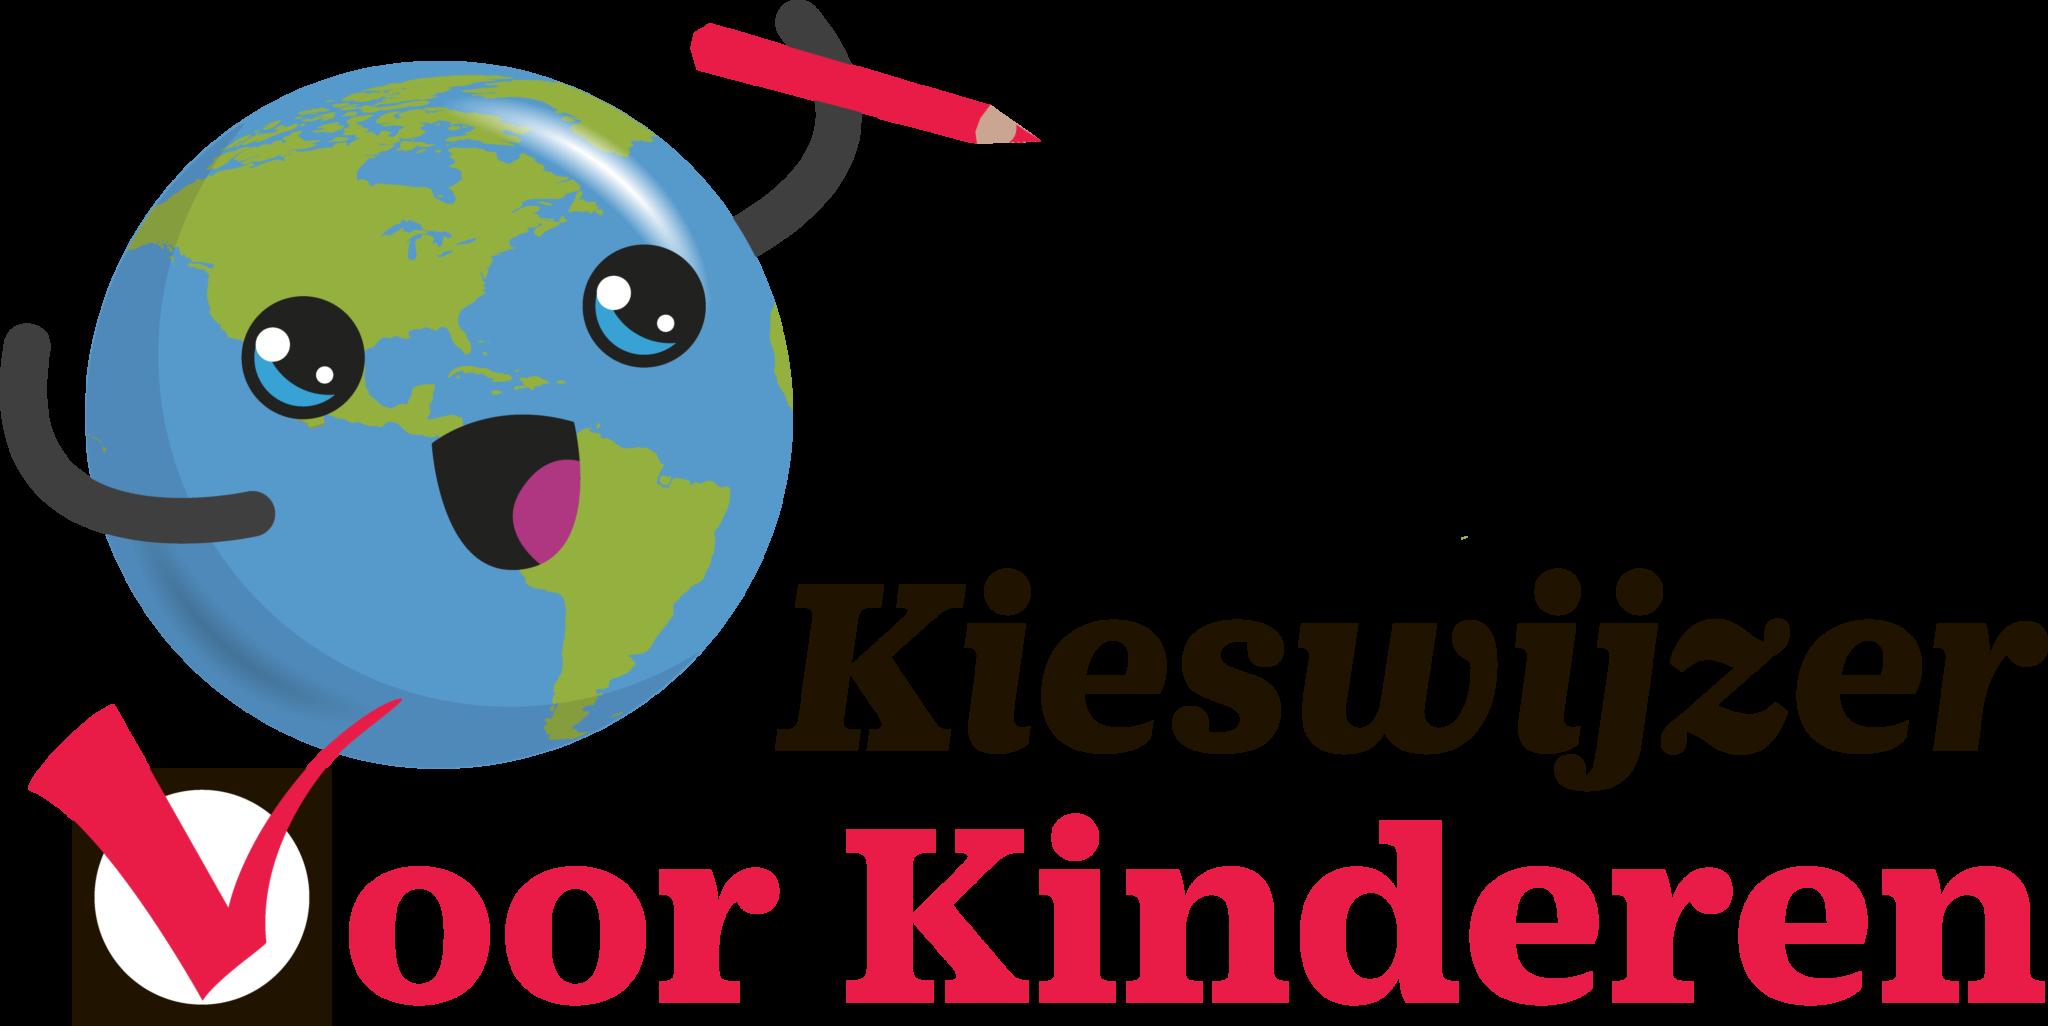 Kieswijzer voor kinderen - Mamaliefde.nl